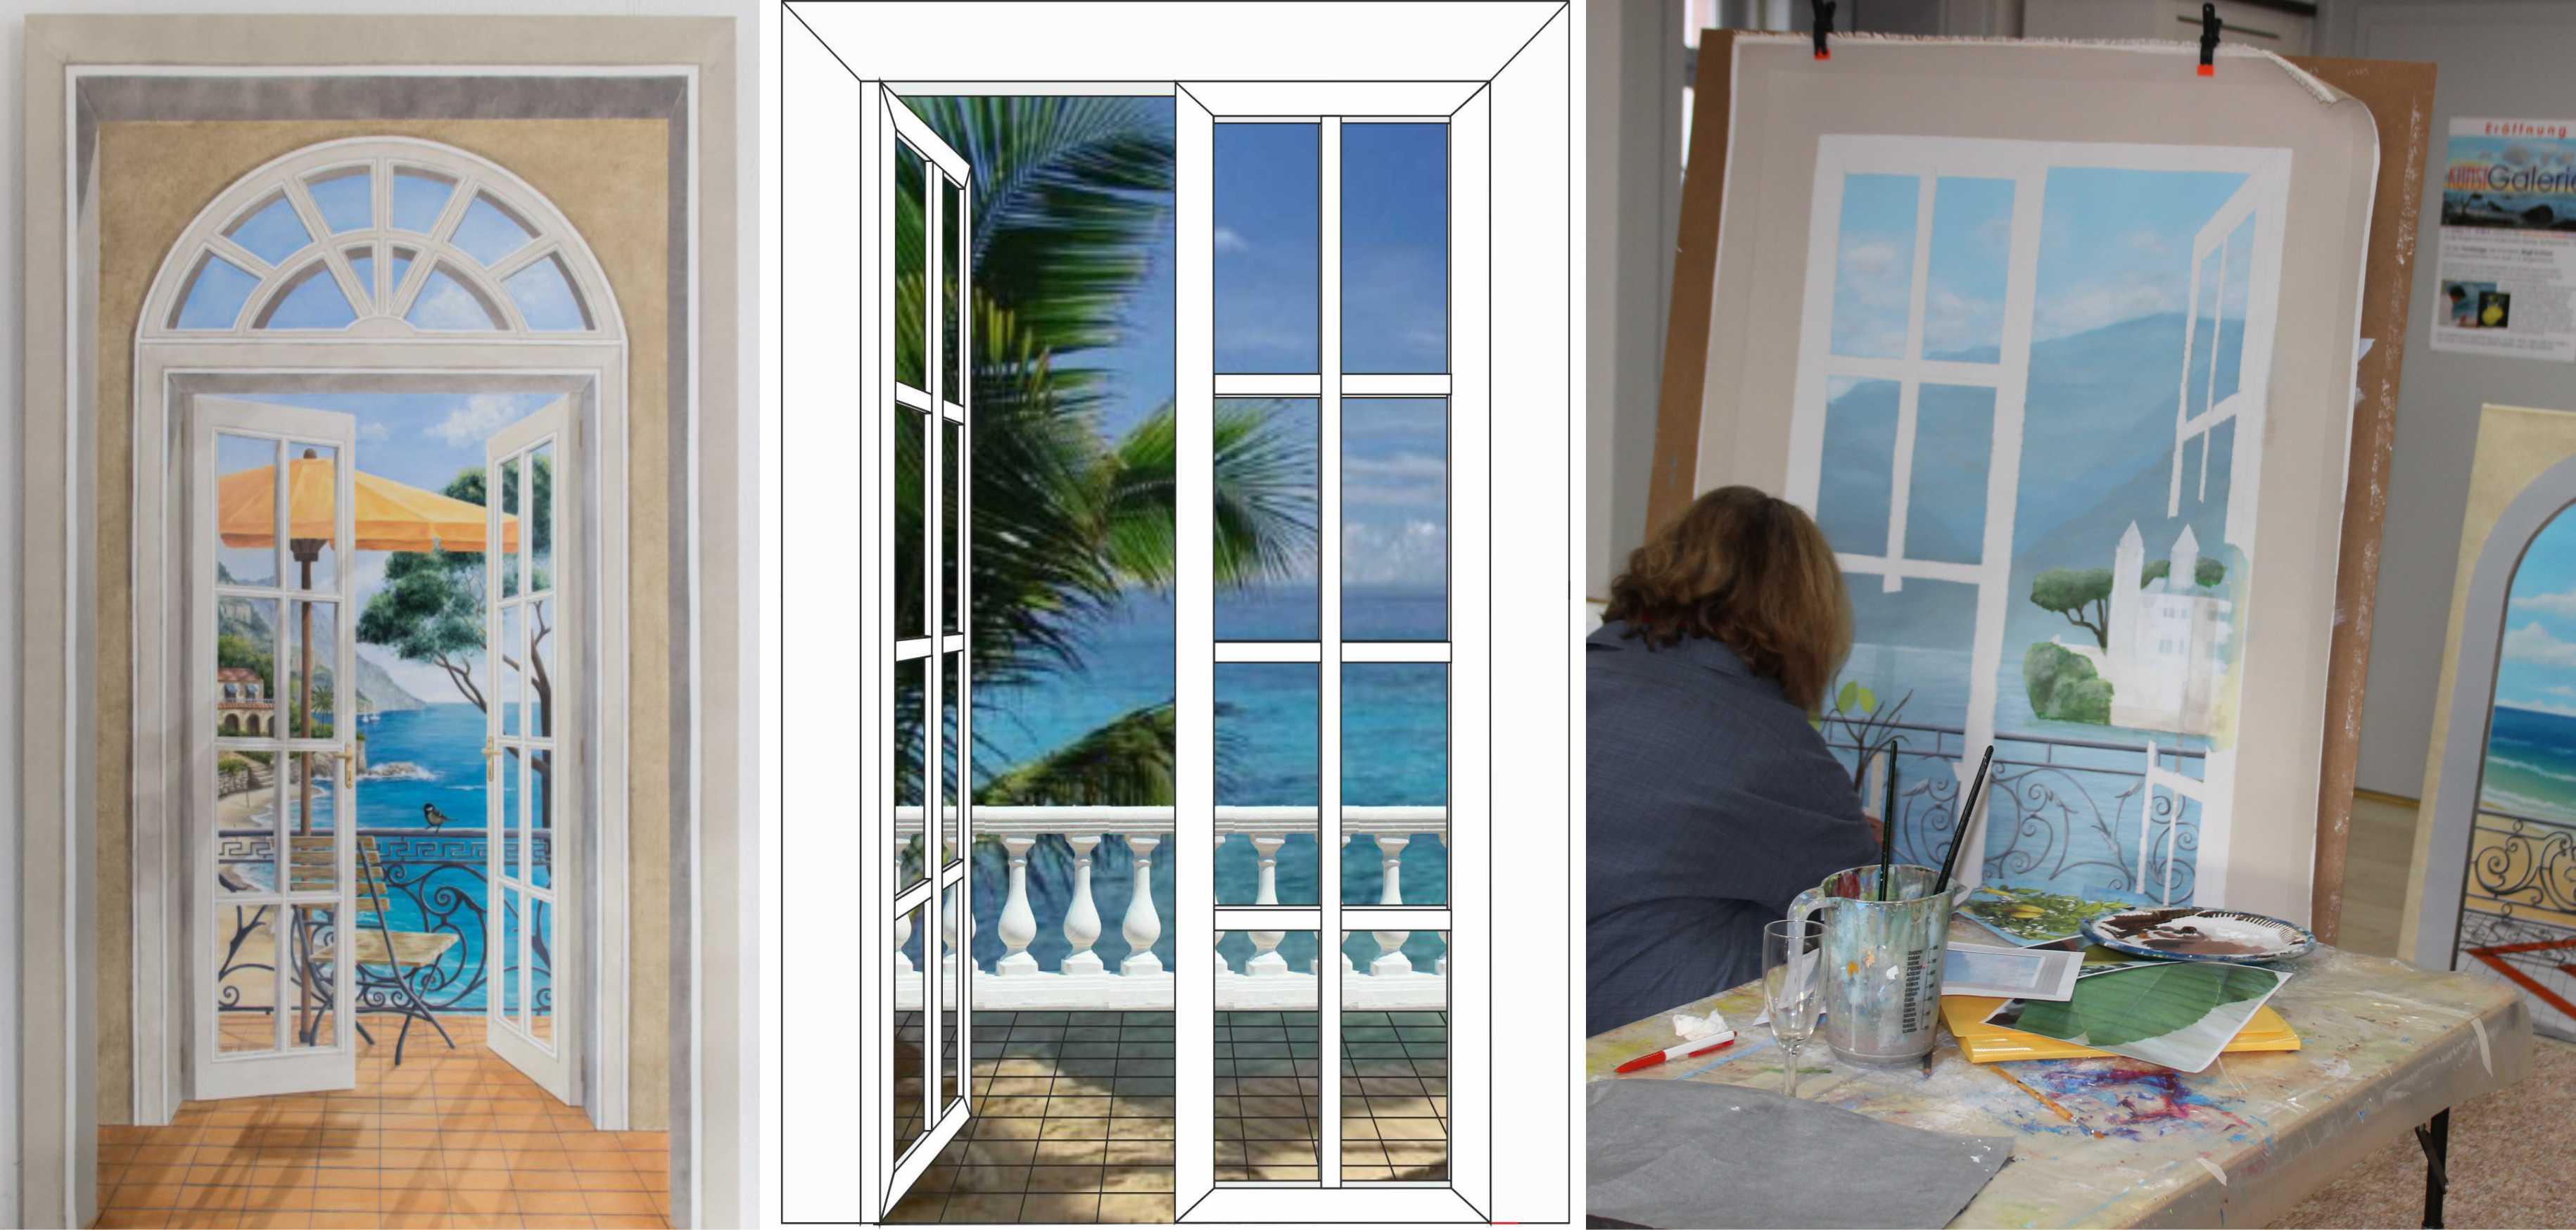 Kurs Trompe l'oeil II (Illusionsmalerei) für Künstler, Kunstakademie Wertheim, Akademie für Fotorealismus, Atelier Leoni